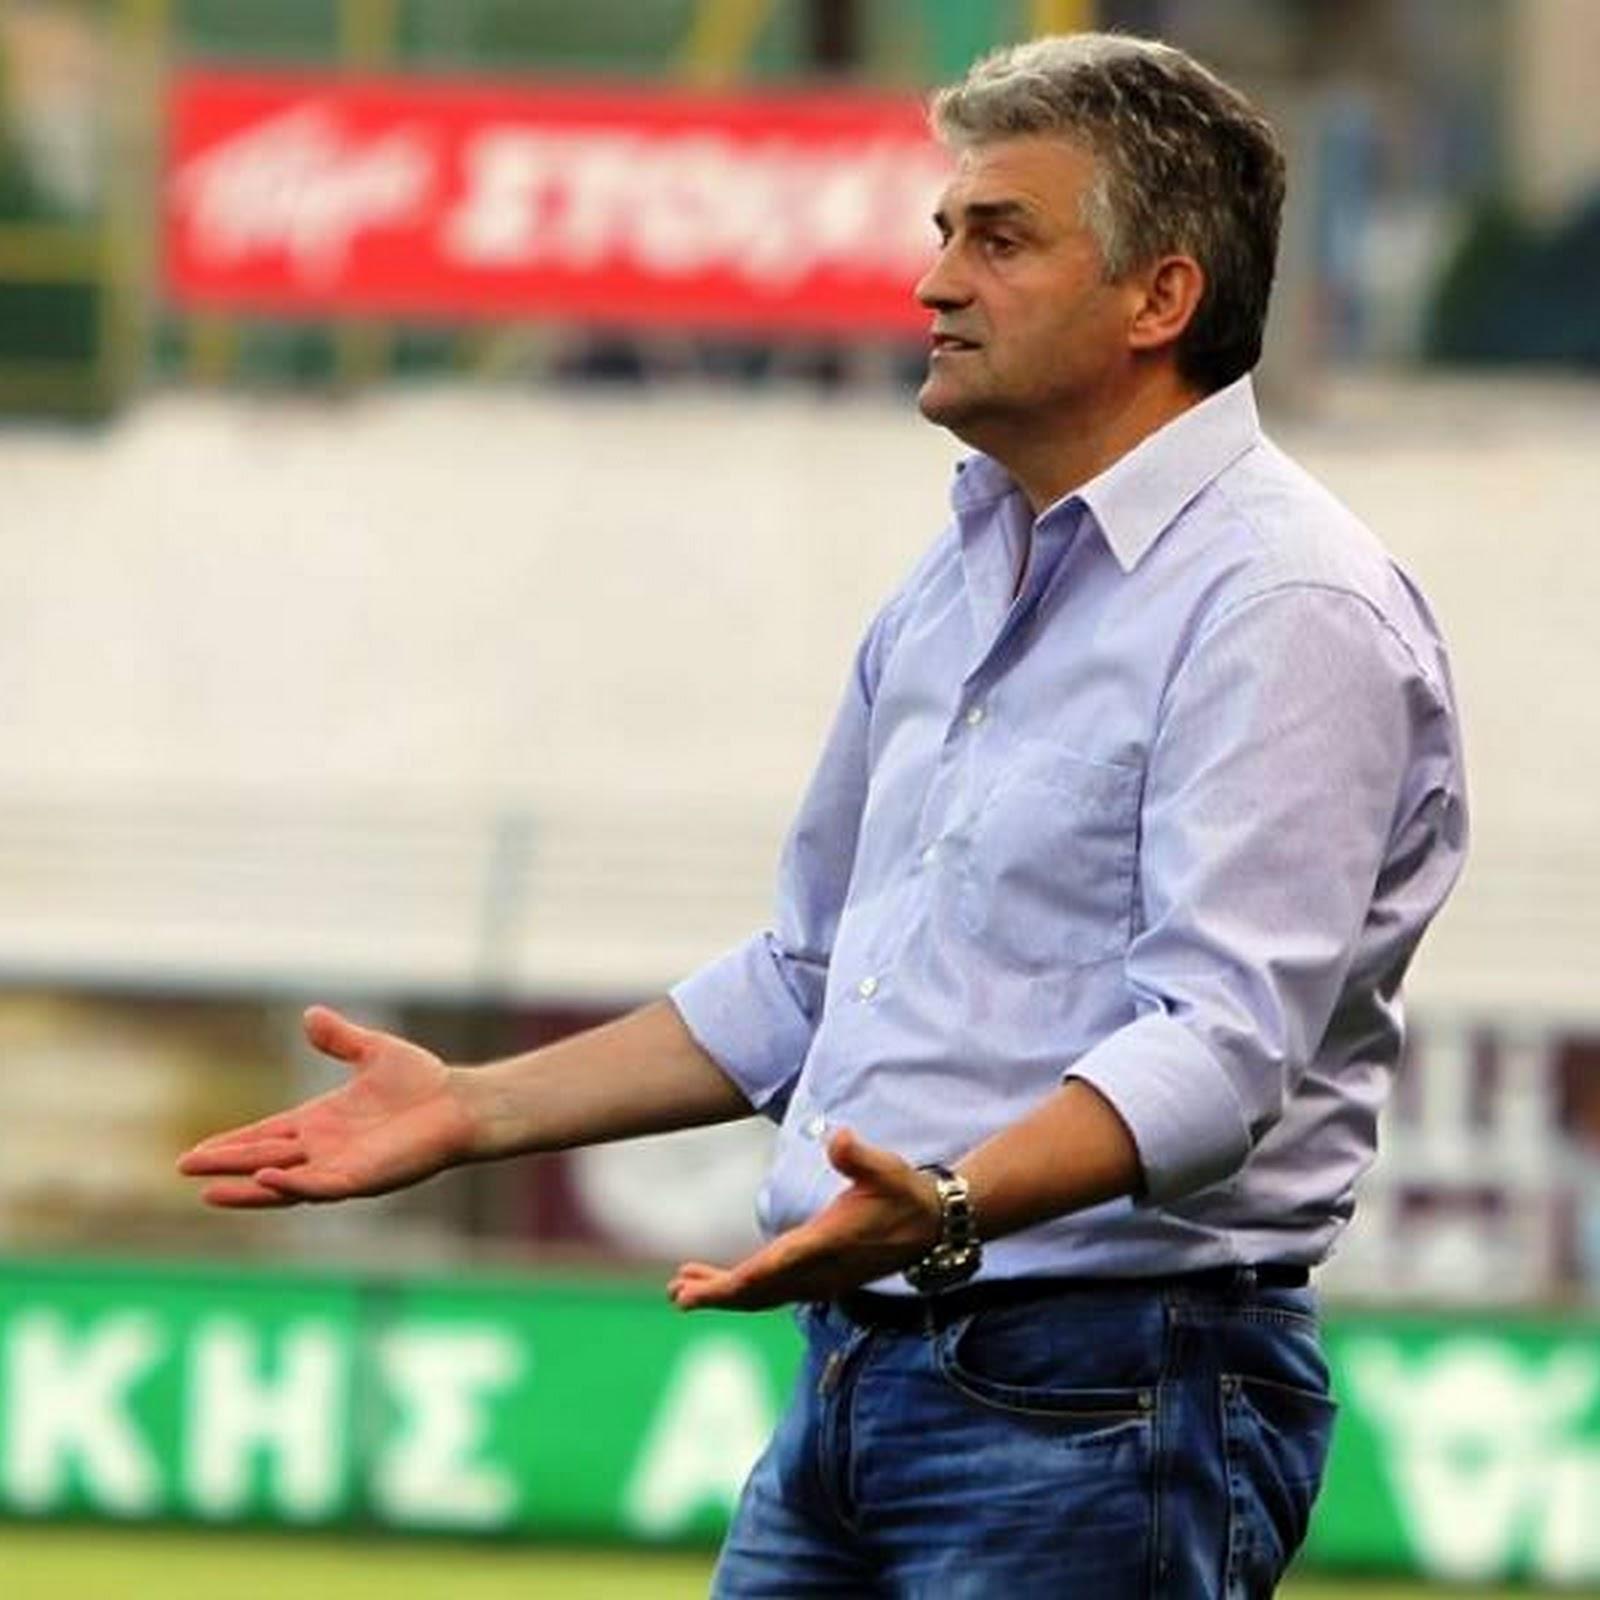 Ο Σάκης Τσιώλης είναι ο νέος προπονητής της ΑΕΛ